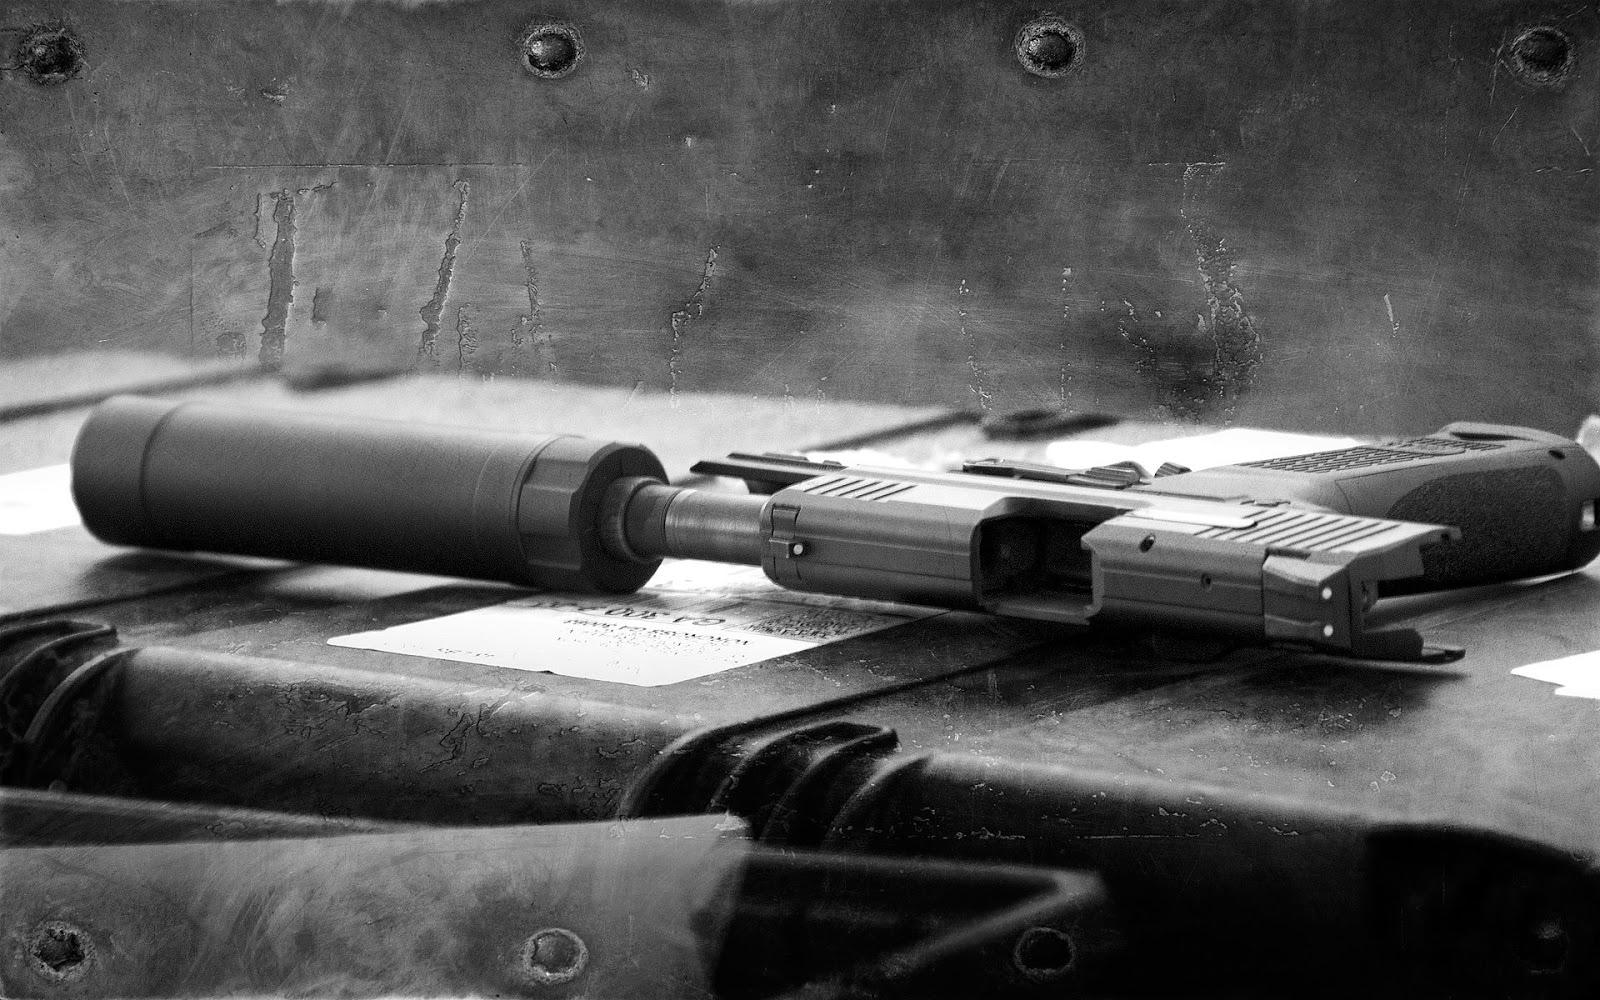 Guns Weapons Cool Guns Wallpapers 3 1600x1000